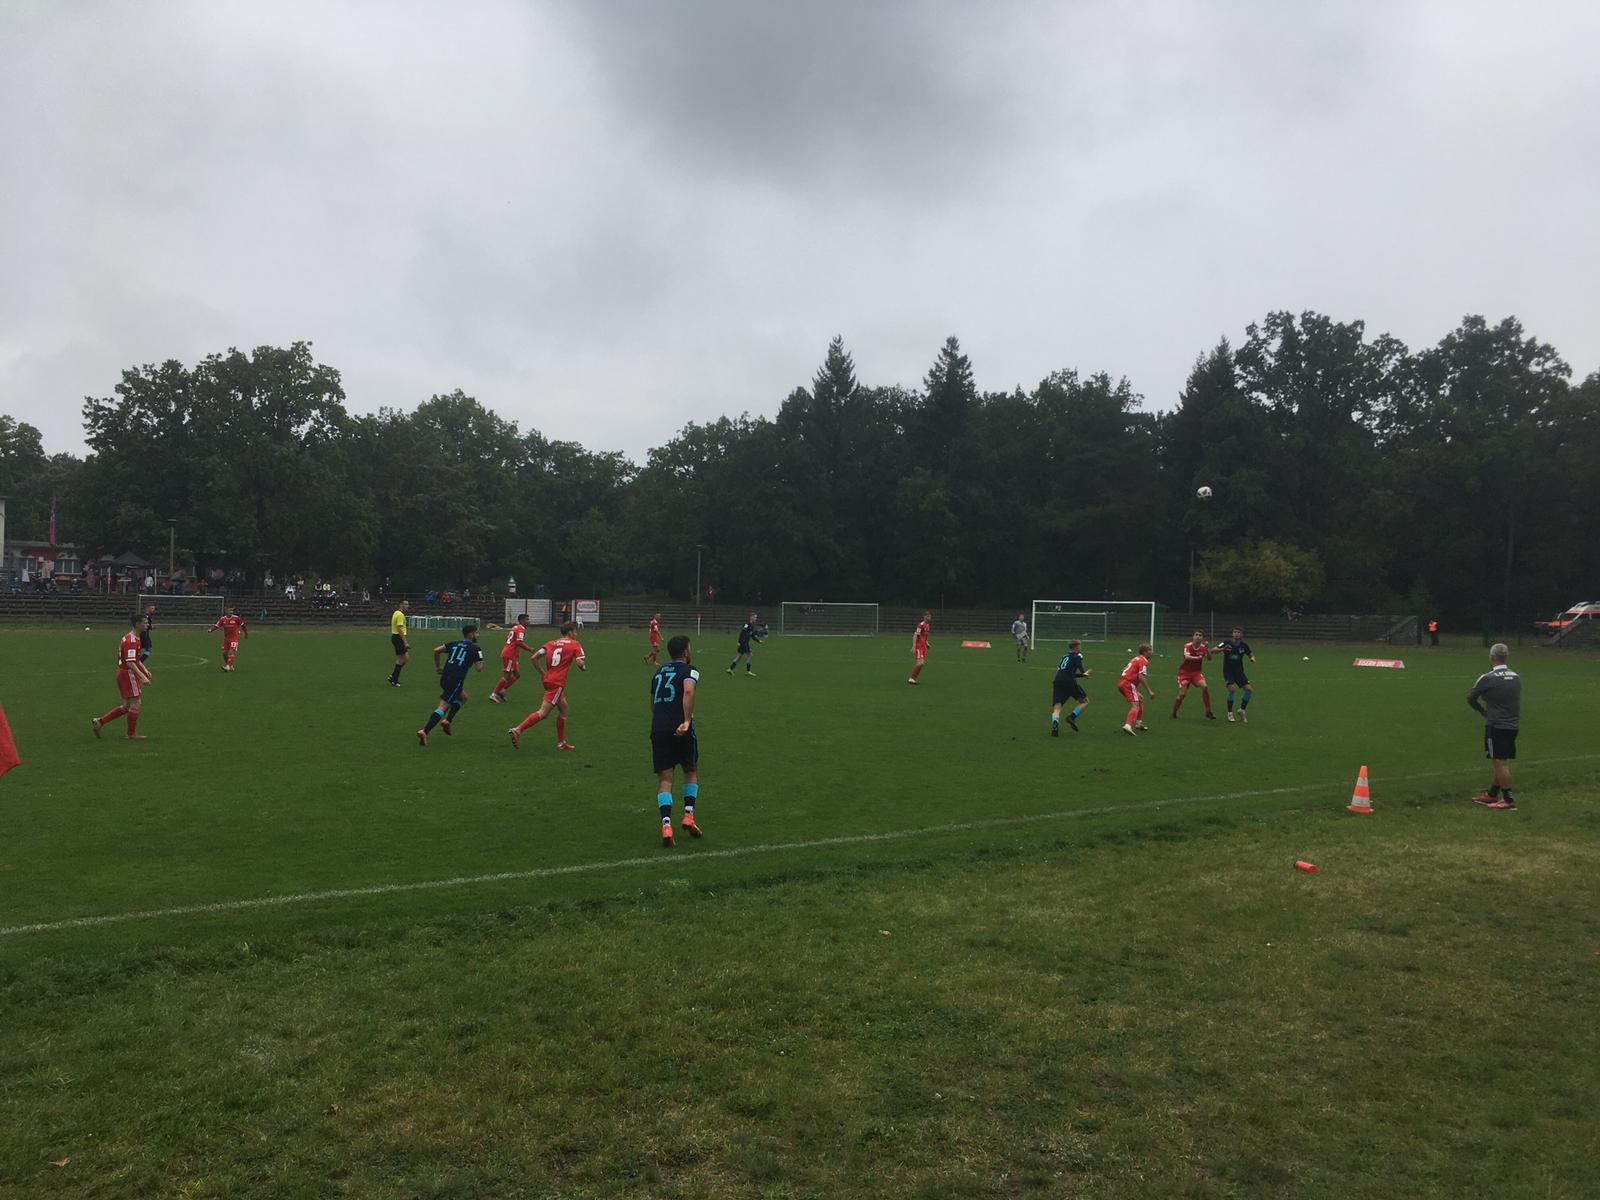 Unsere U19 in den Auswärtstrikots beim 1. FC Union.